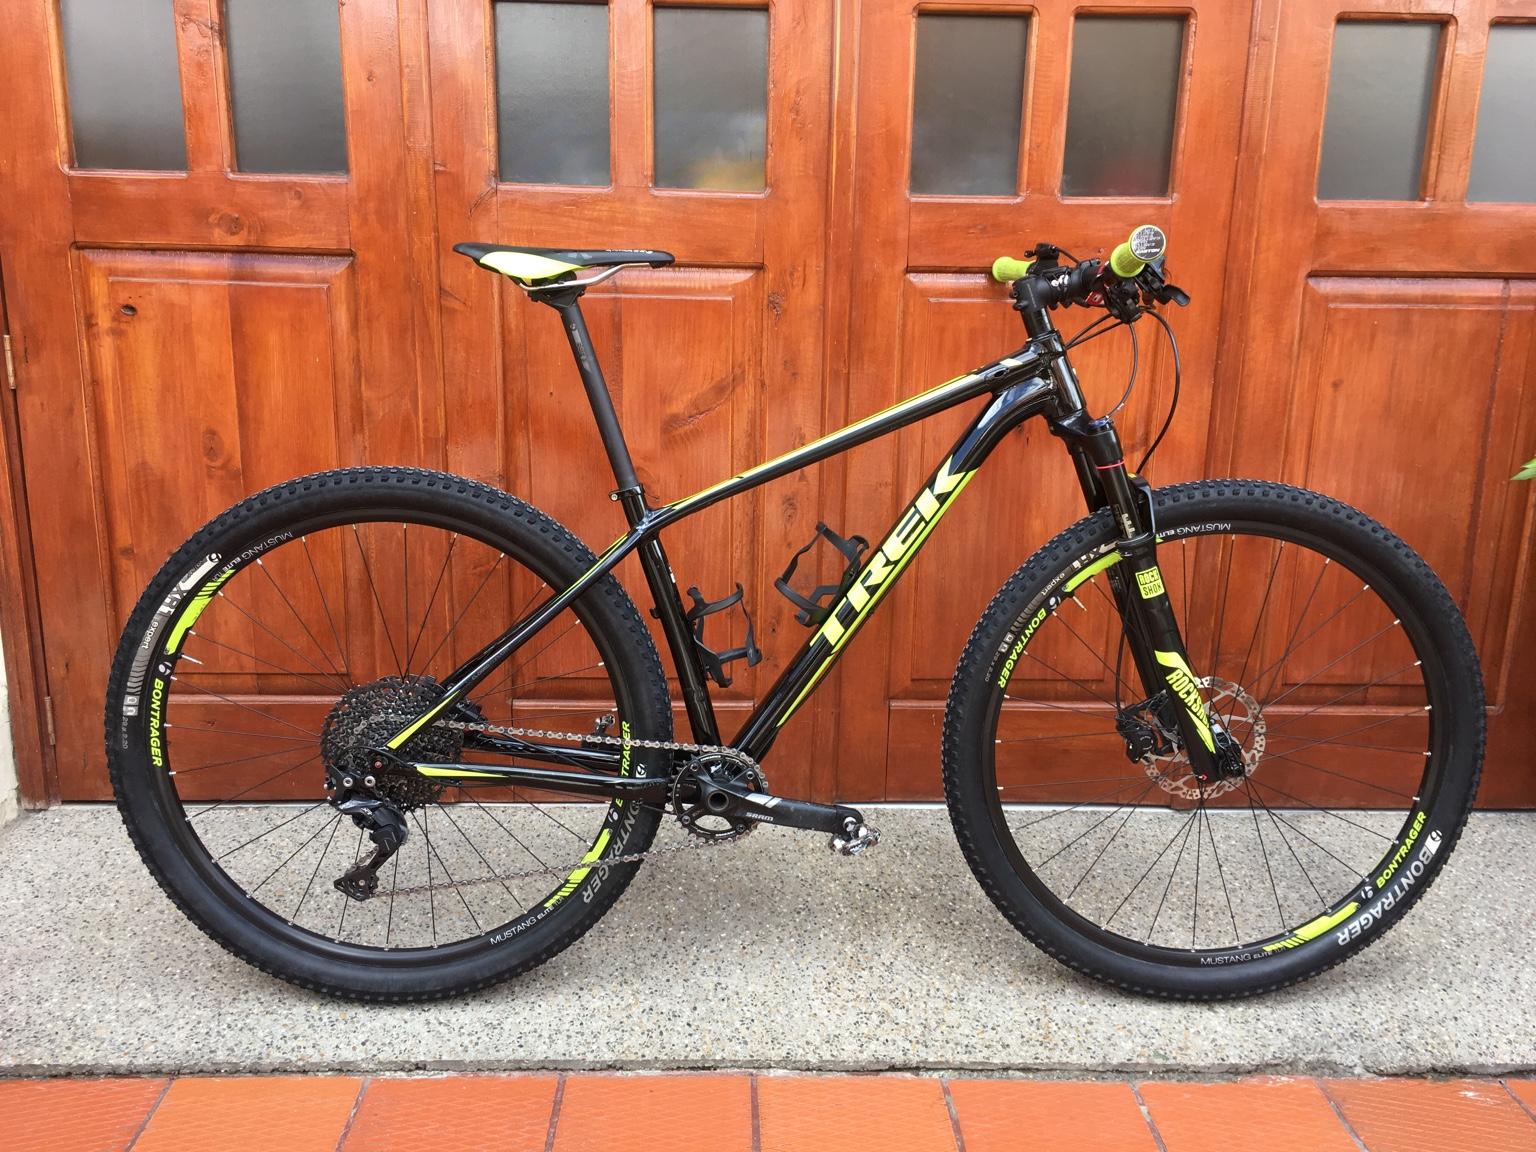 Bicicletas] - Foro General | Página 174 | Laneros.com